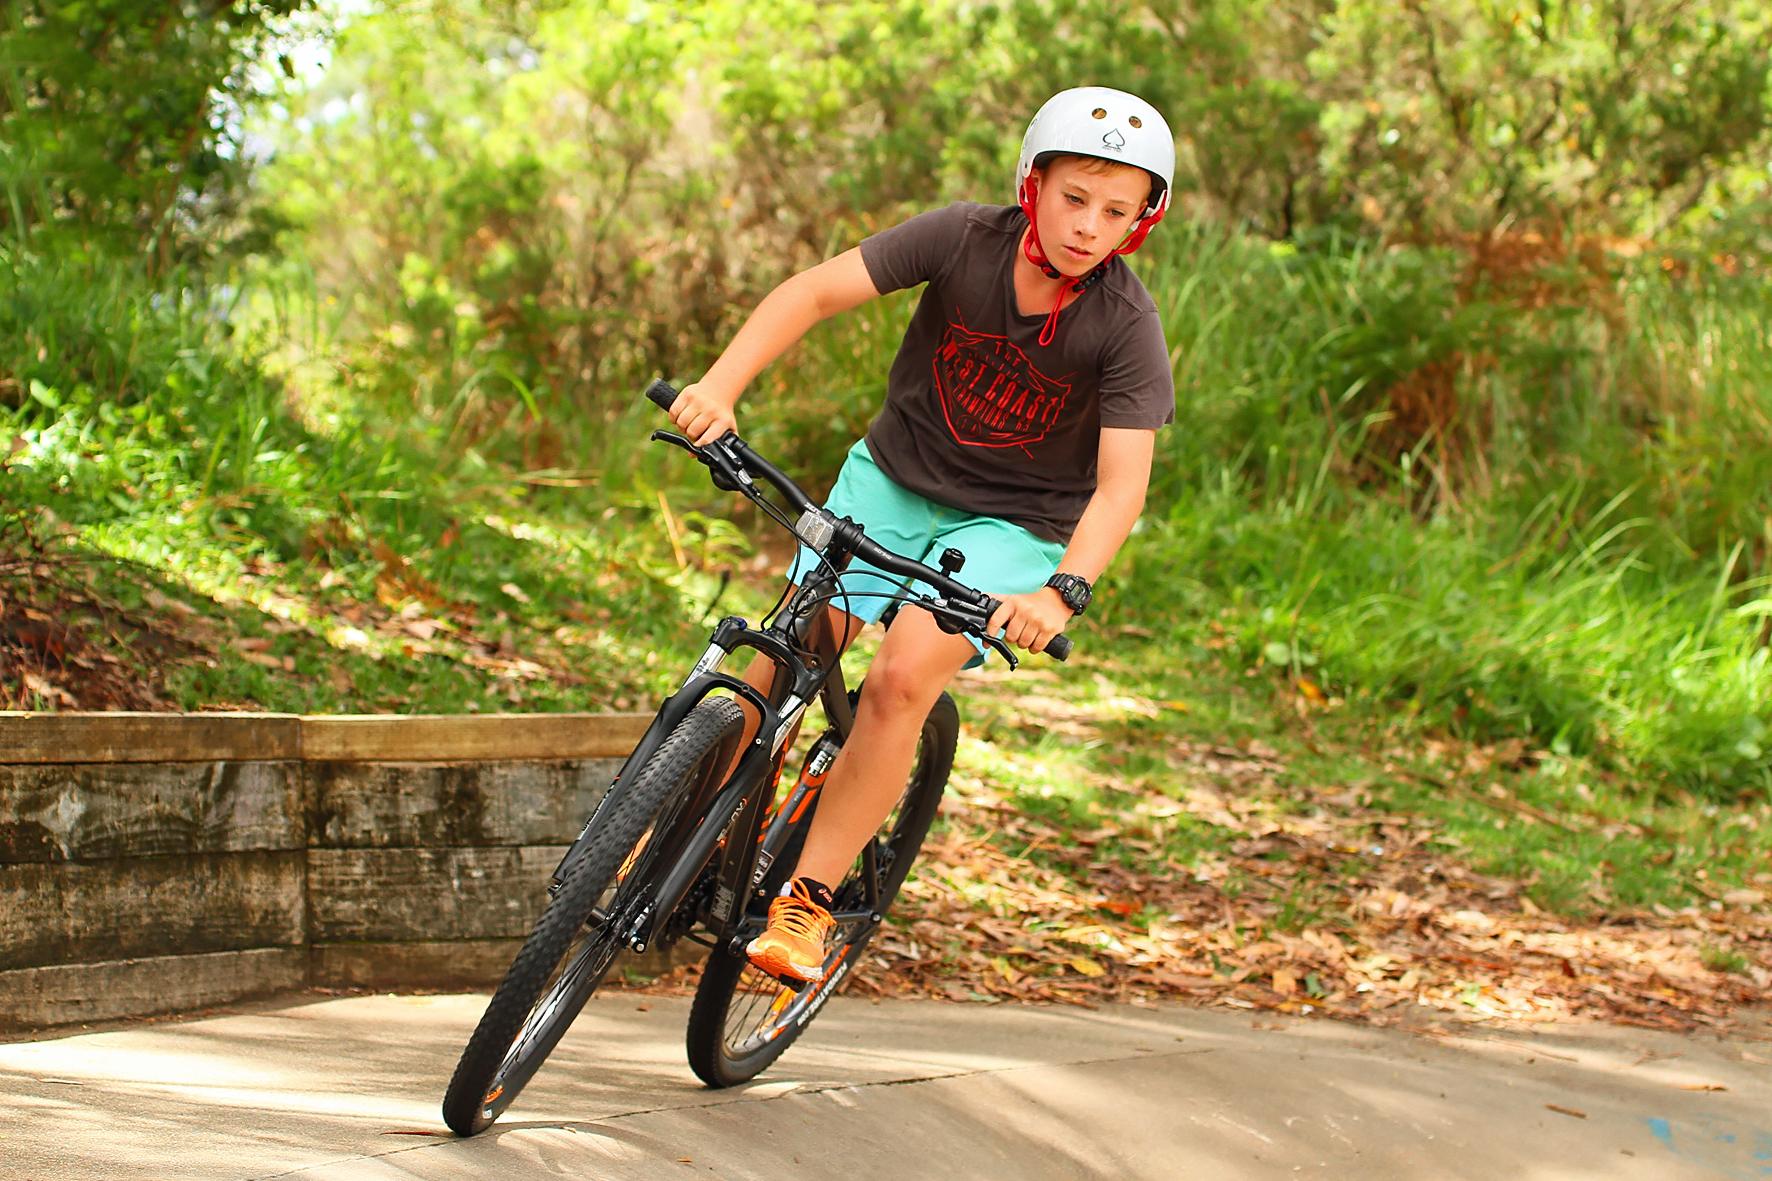 Bike riding at the skate park